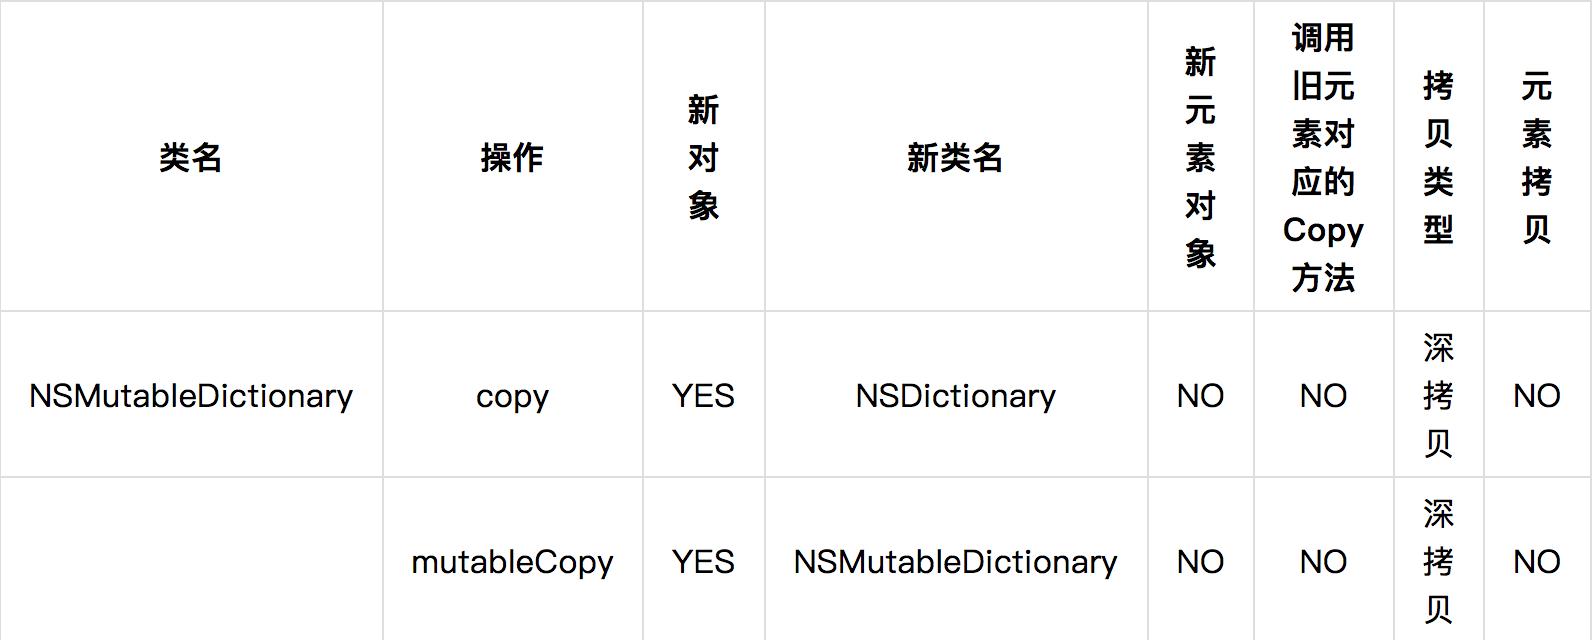 NSMutableDictionary 类